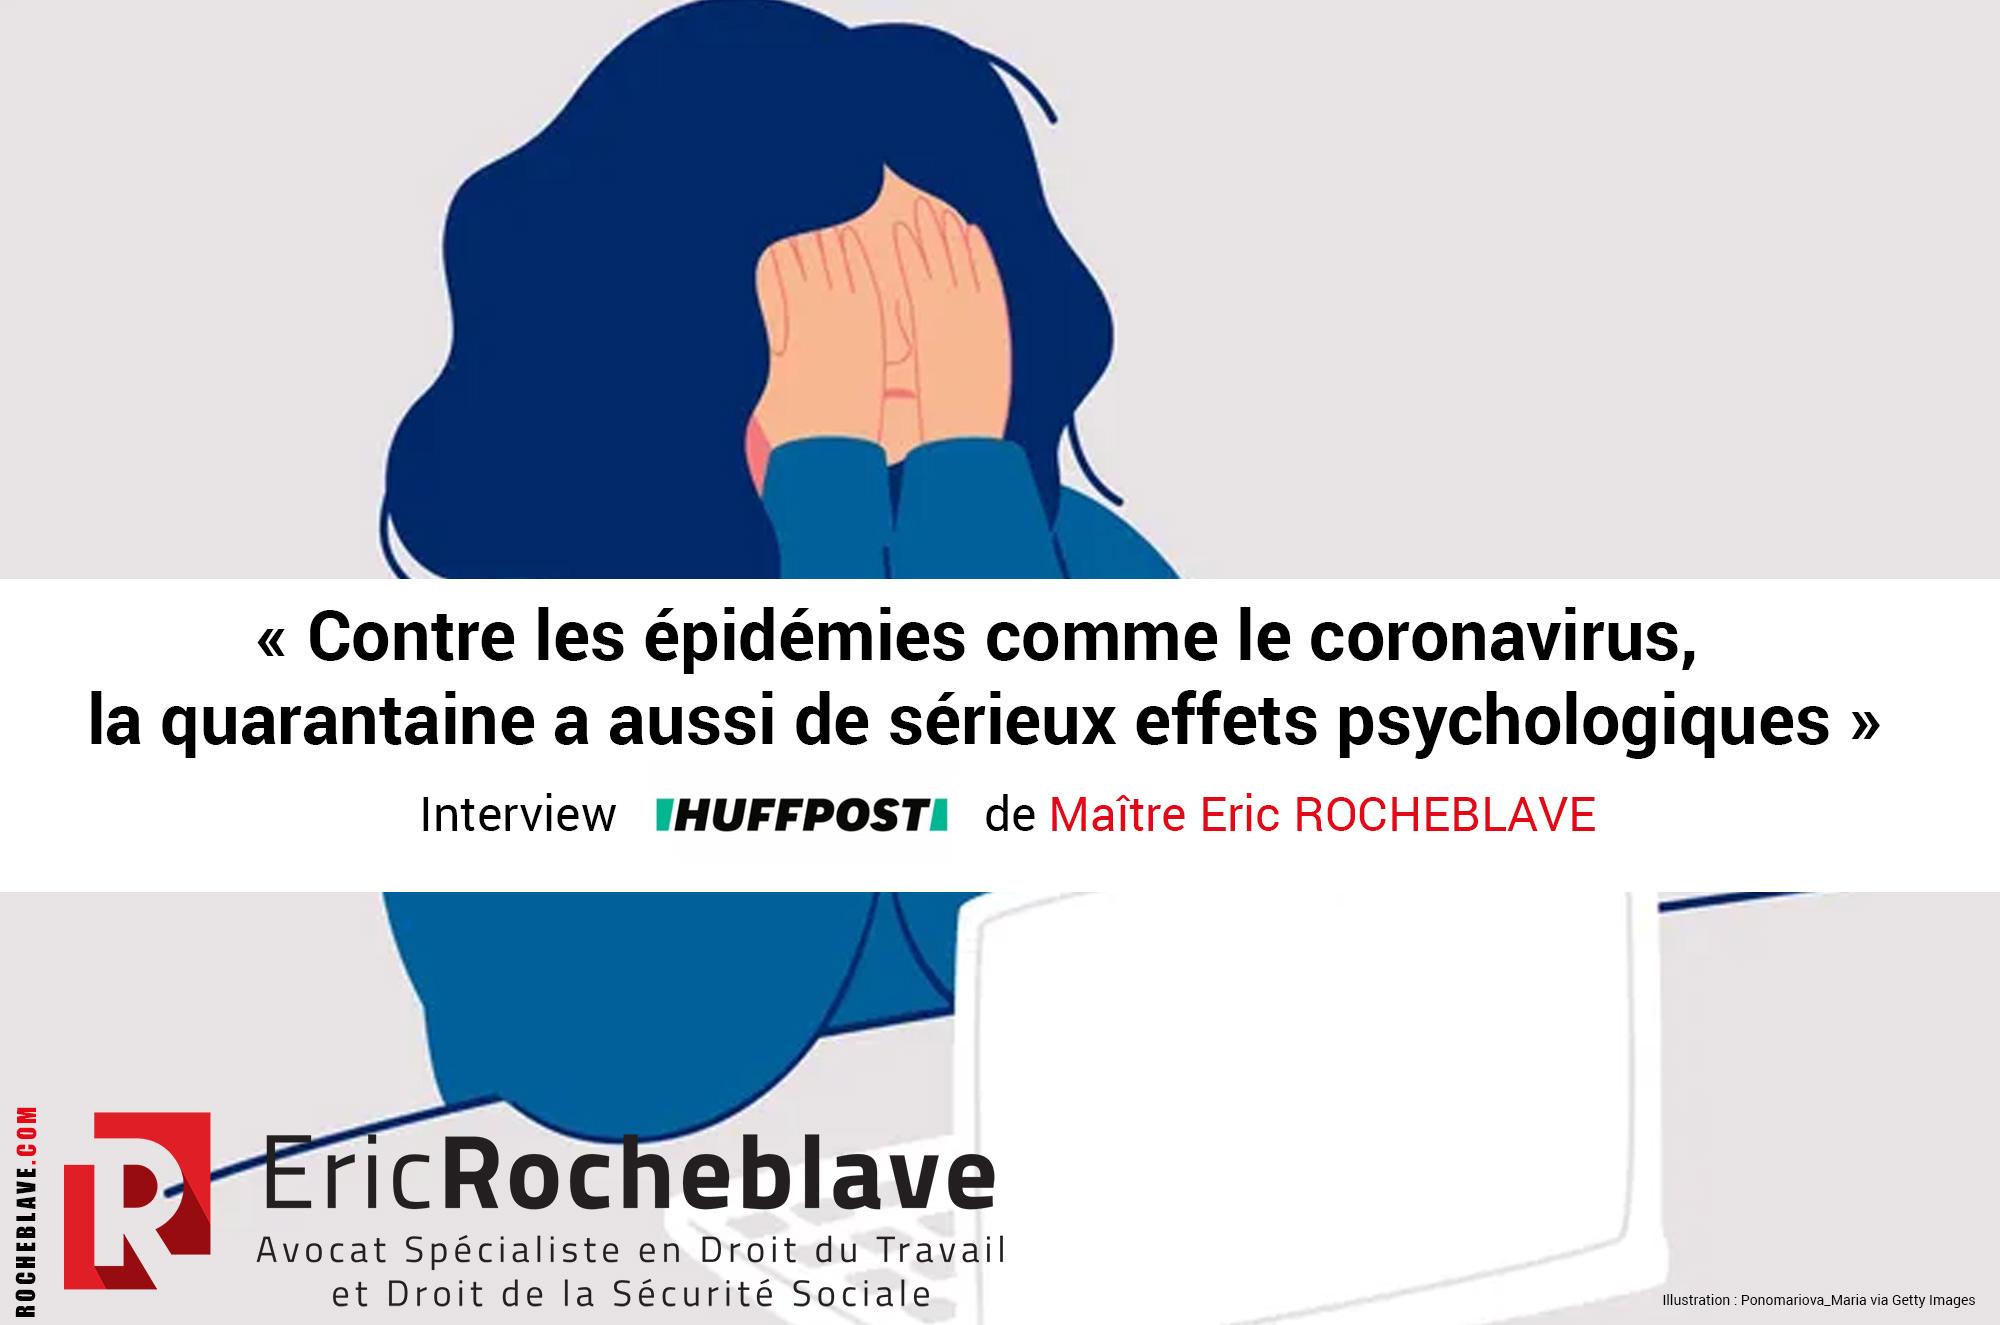 « Contre les épidémies comme le coronavirus, la quarantaine a aussi de sérieux effets psychologiques » Interview HUFFPOST de Maître Eric ROCHEBLAVE